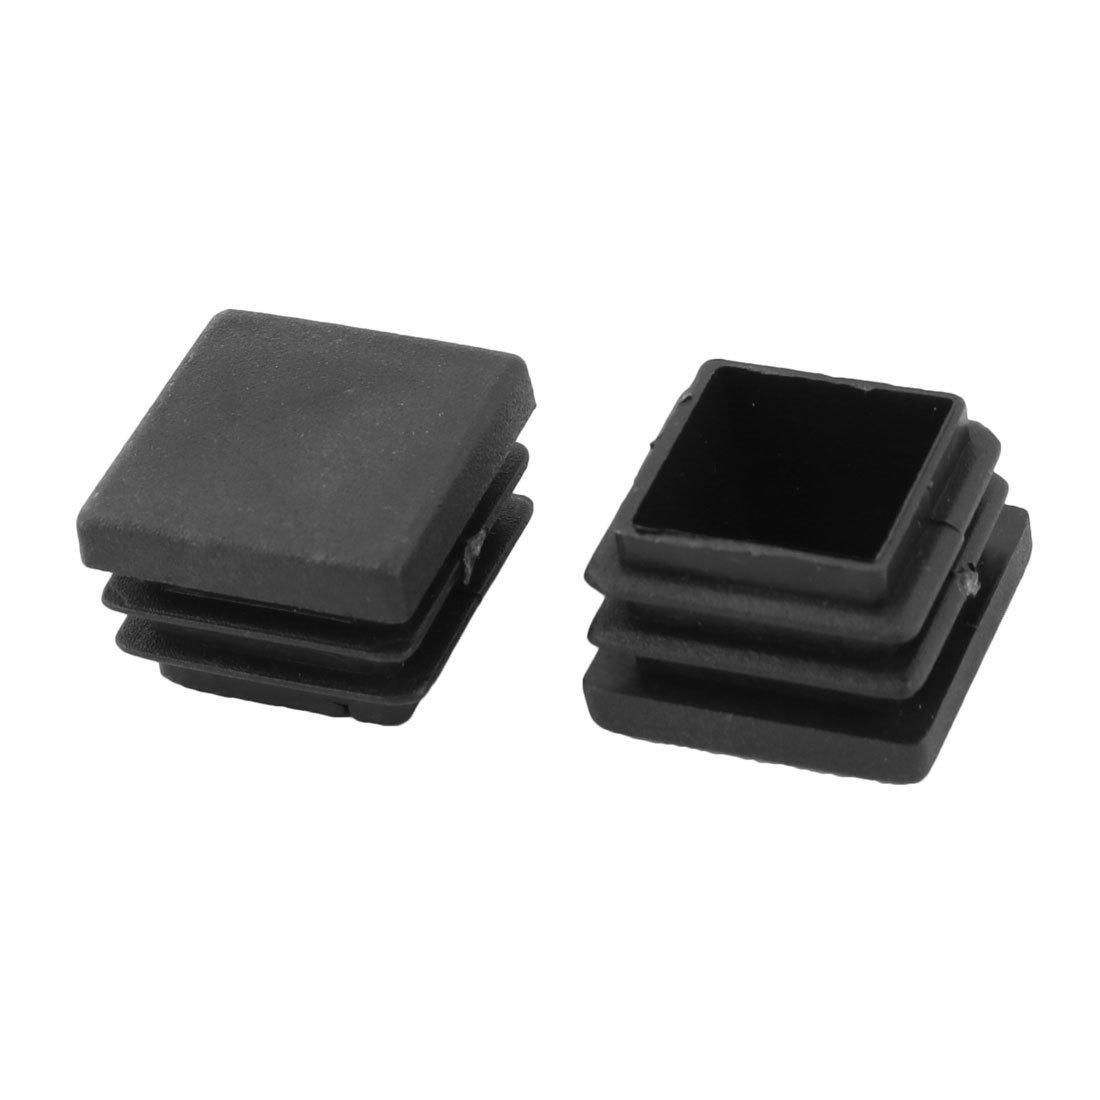 Amazon.com: eDealMax cuadrados plásticos Para sillas de muebles ...